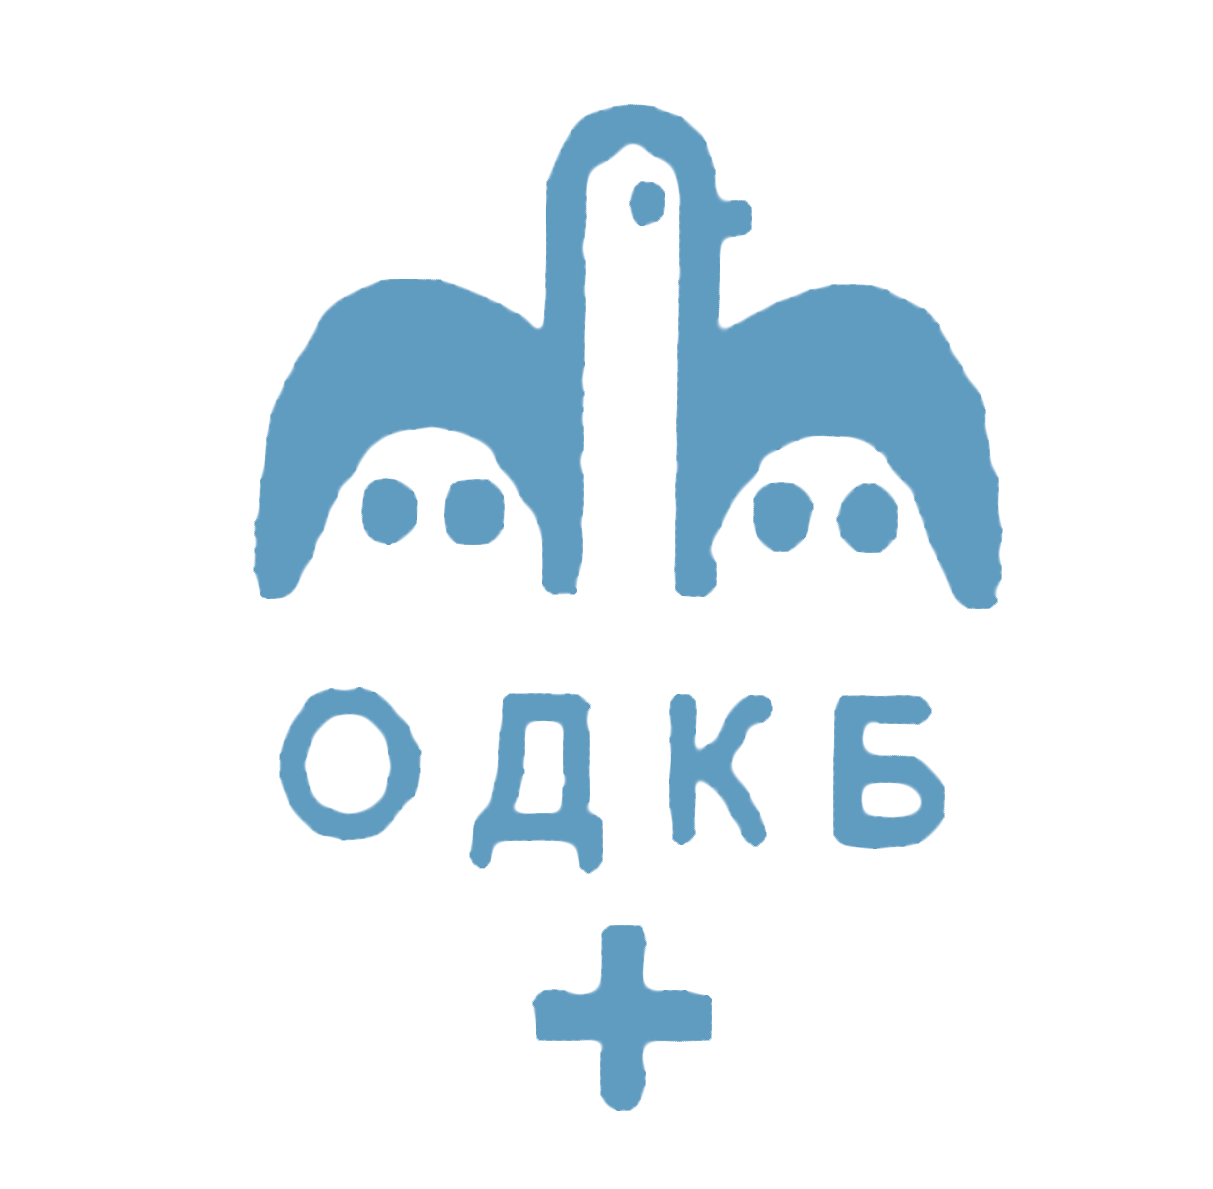 odkb33